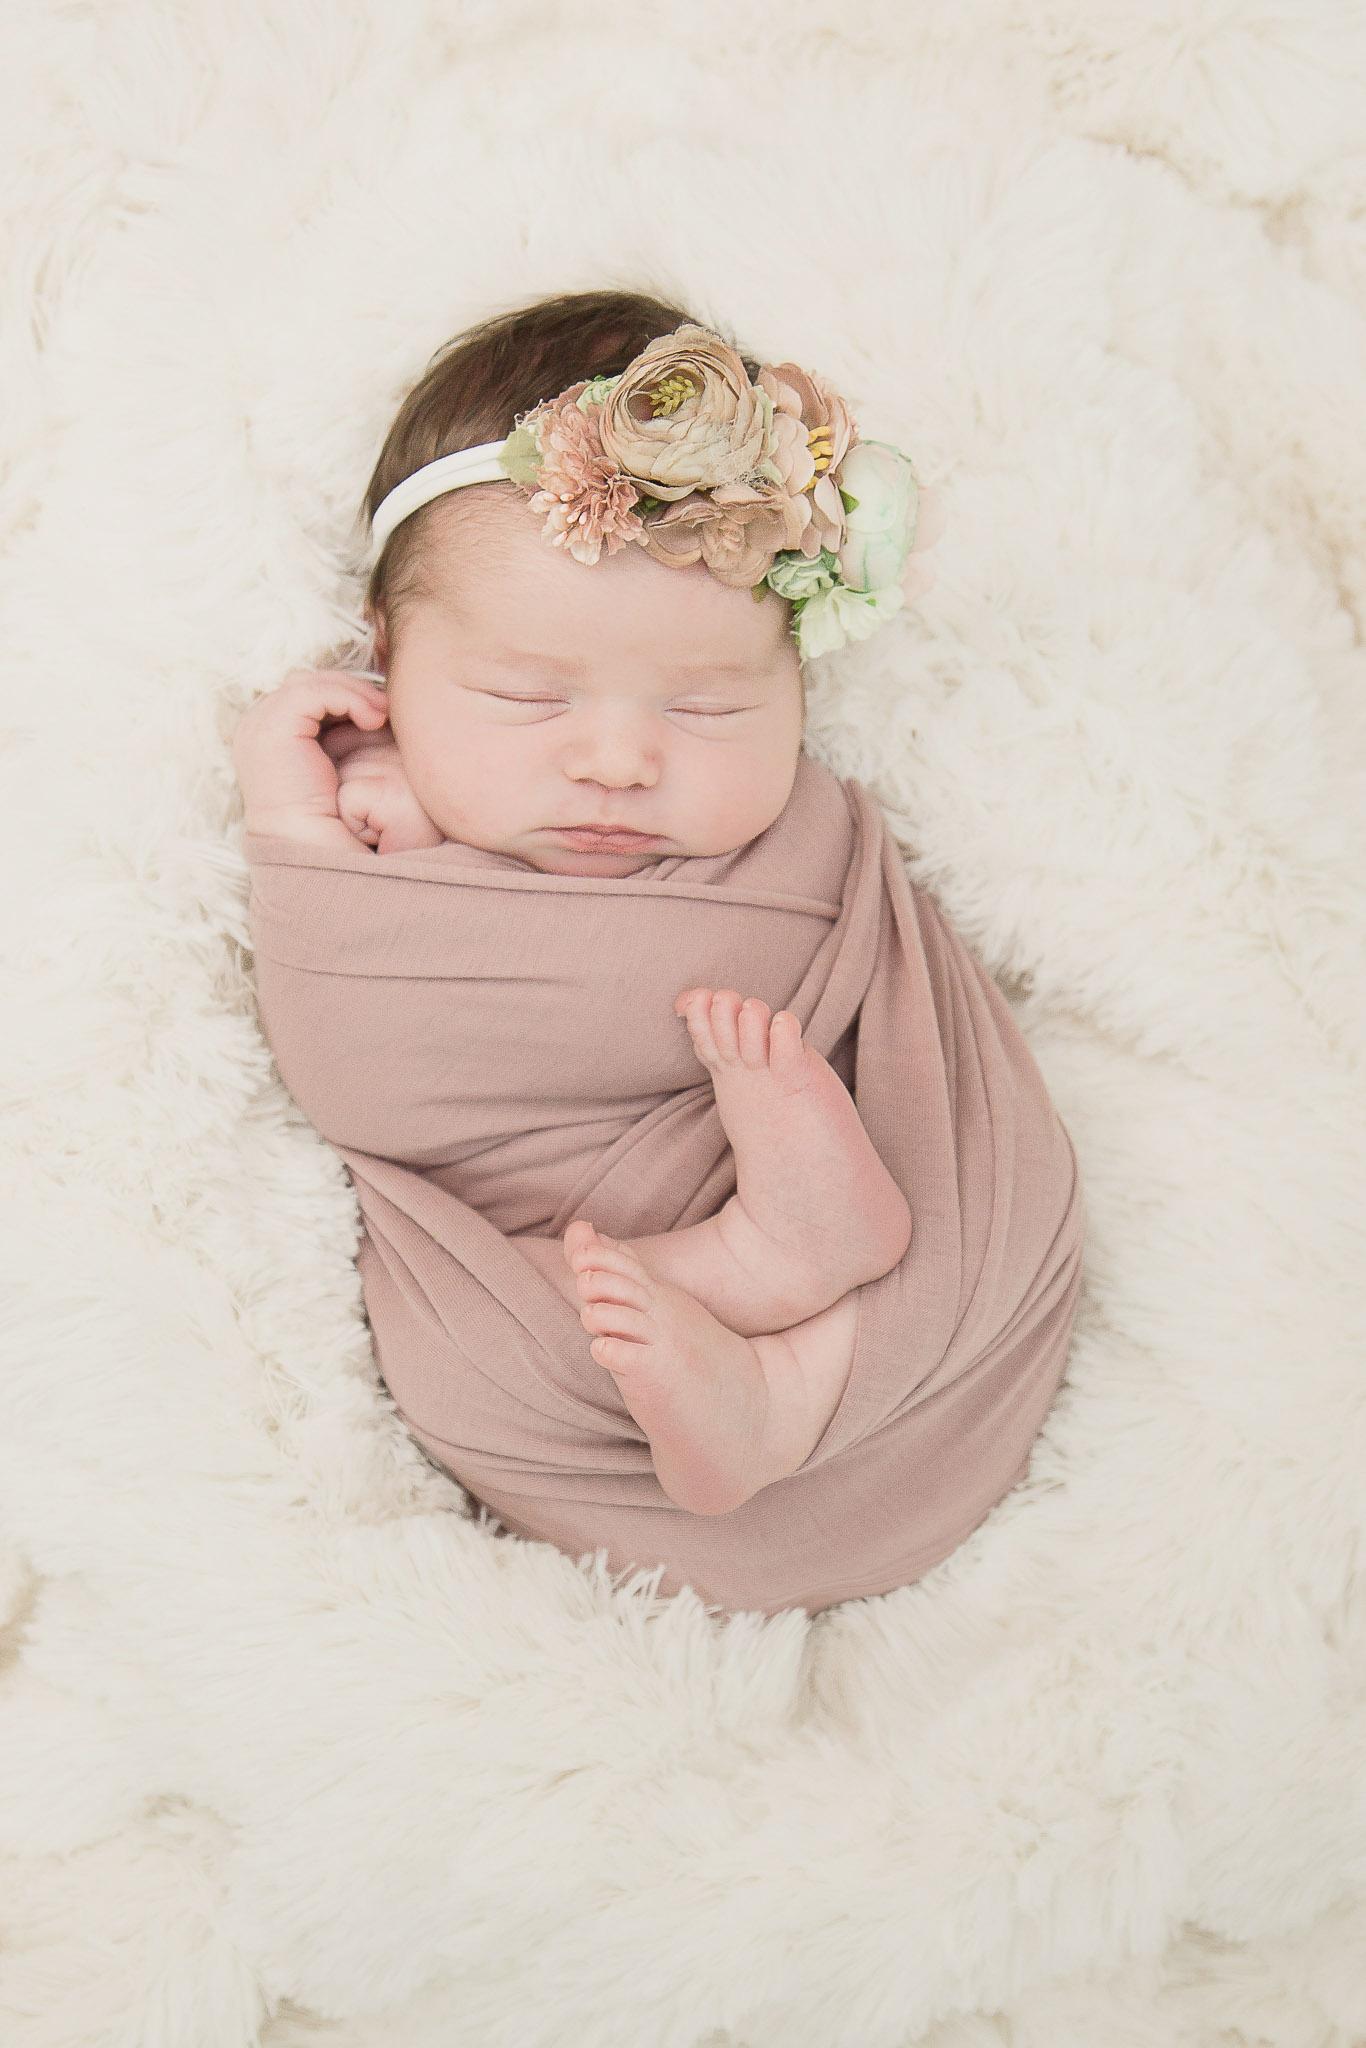 Modert Newborn - WEBSITE-3.jpg